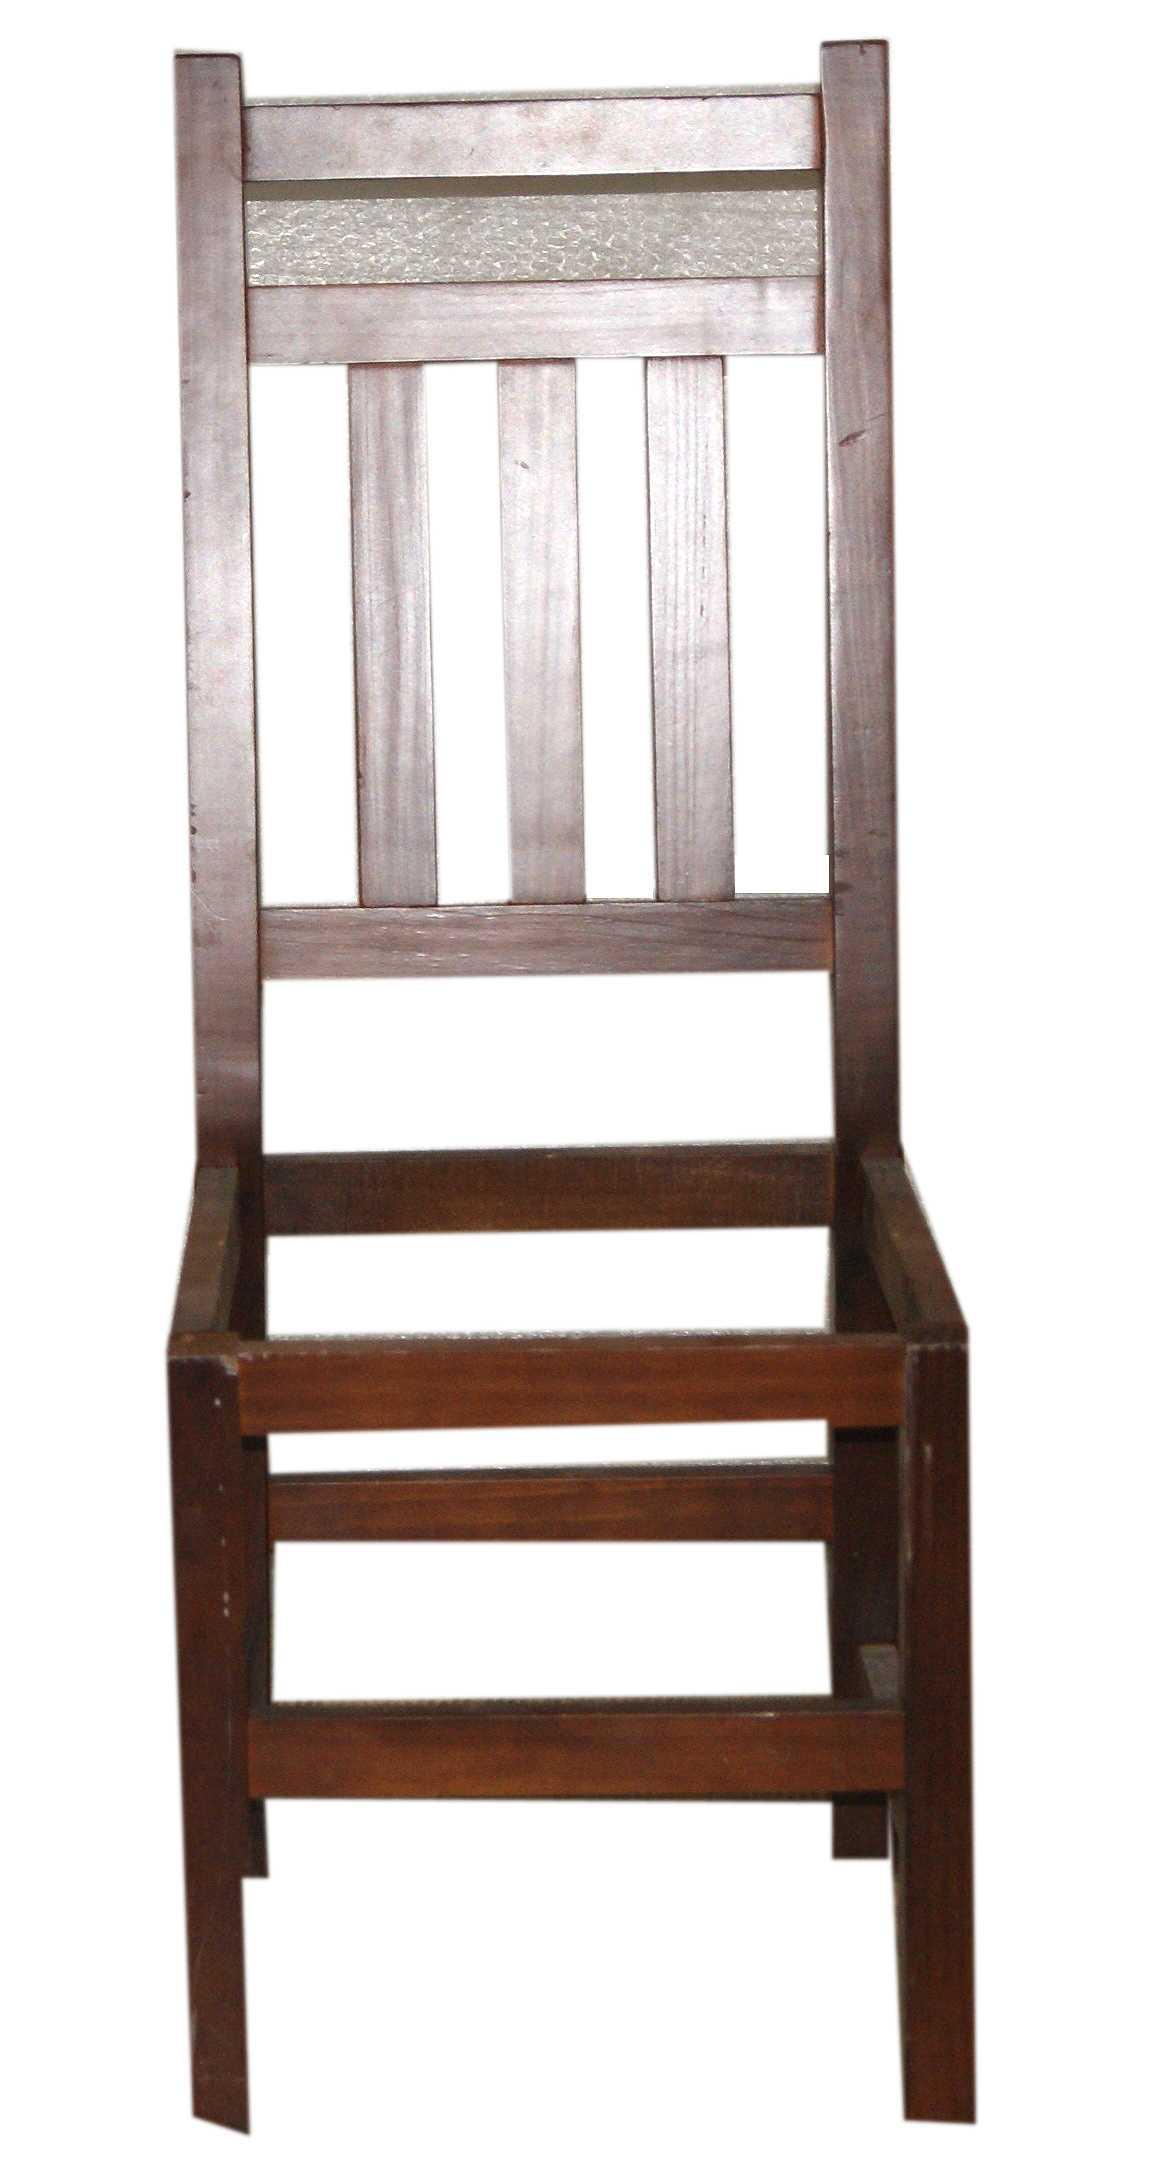 Promociones muebles r sticos myoc muebles r sticos 100 - Muebles rusticos en valencia ...